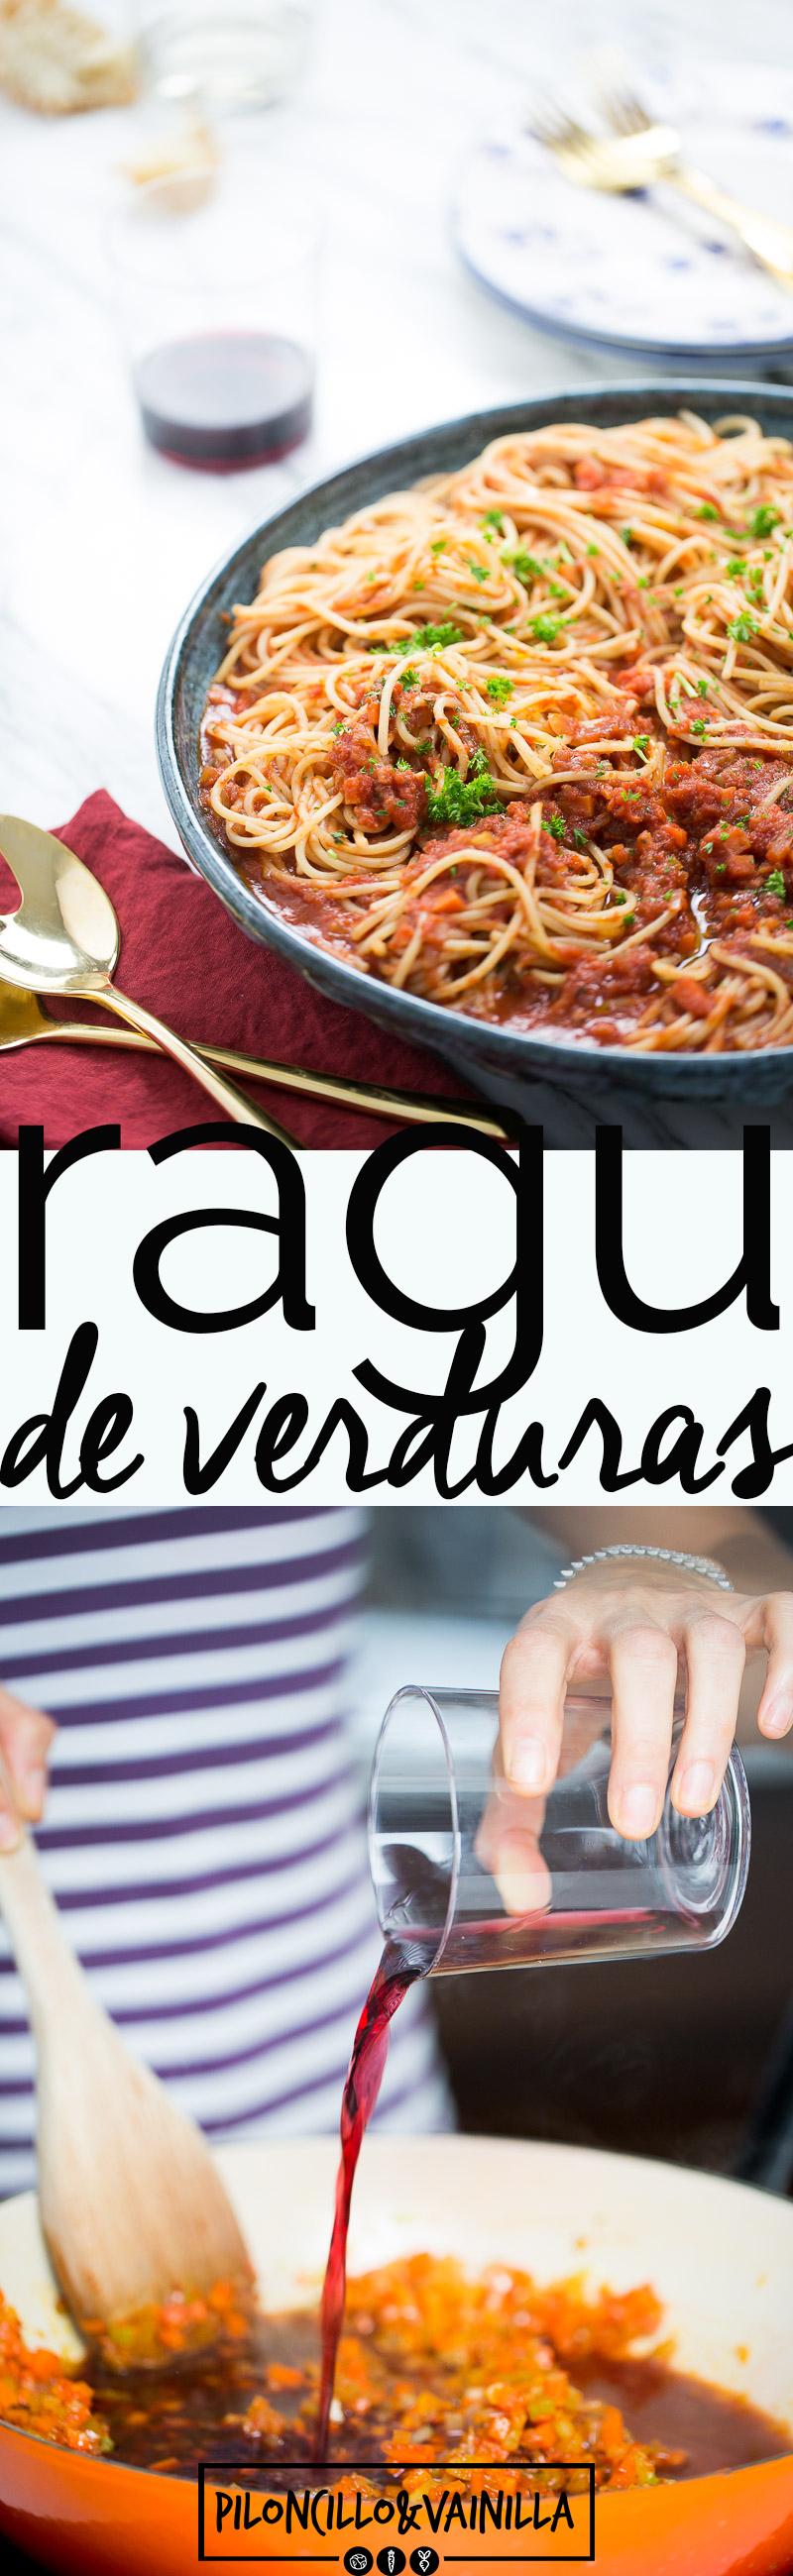 Esta receta de pasta de ragu de verduras es una receta que te prometo te vas a aprender de memoria. Es uan receta perfecta para todo, para cena de amigos o cena romántica. #vegano, #receta, #recetaenespañol